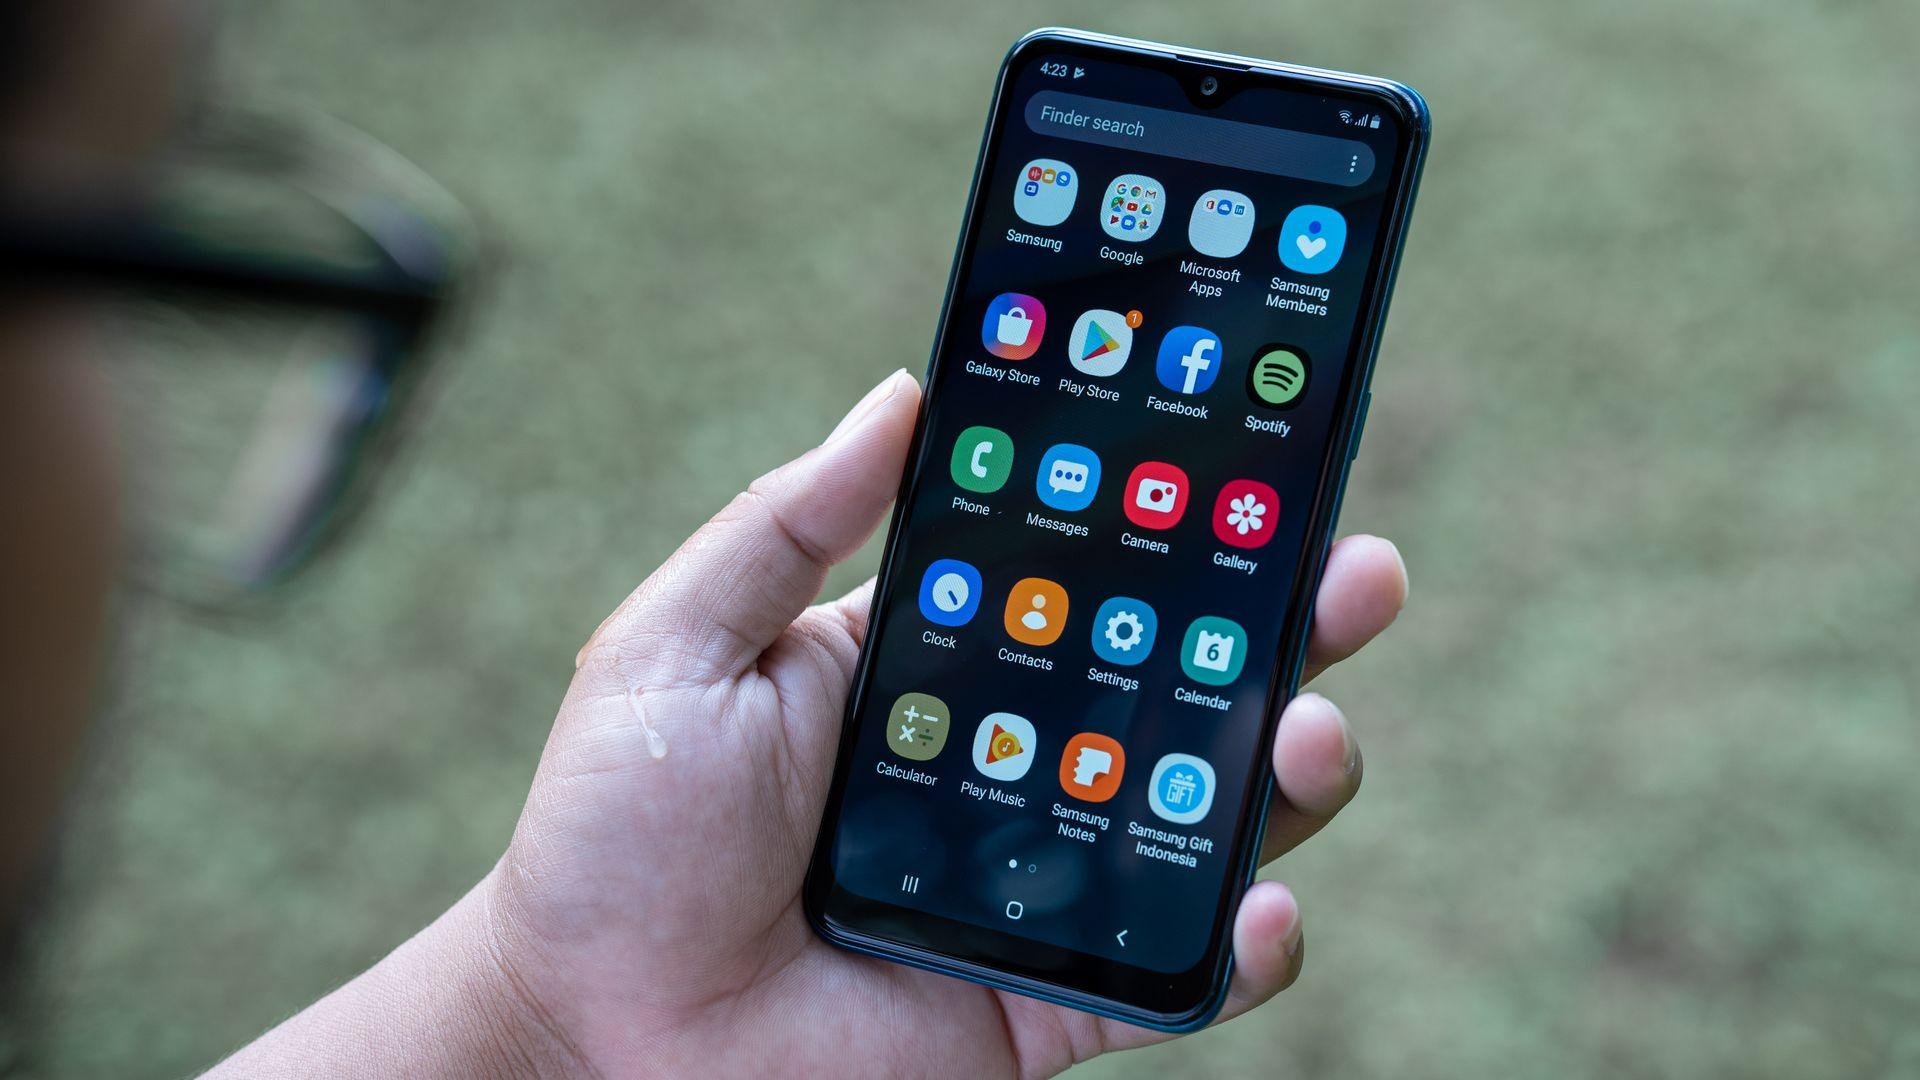 Galaxy A10s tem 32 GB para armazenar apps e outros arquivos. (Imagem: Lukmanazis/Shutterstock)